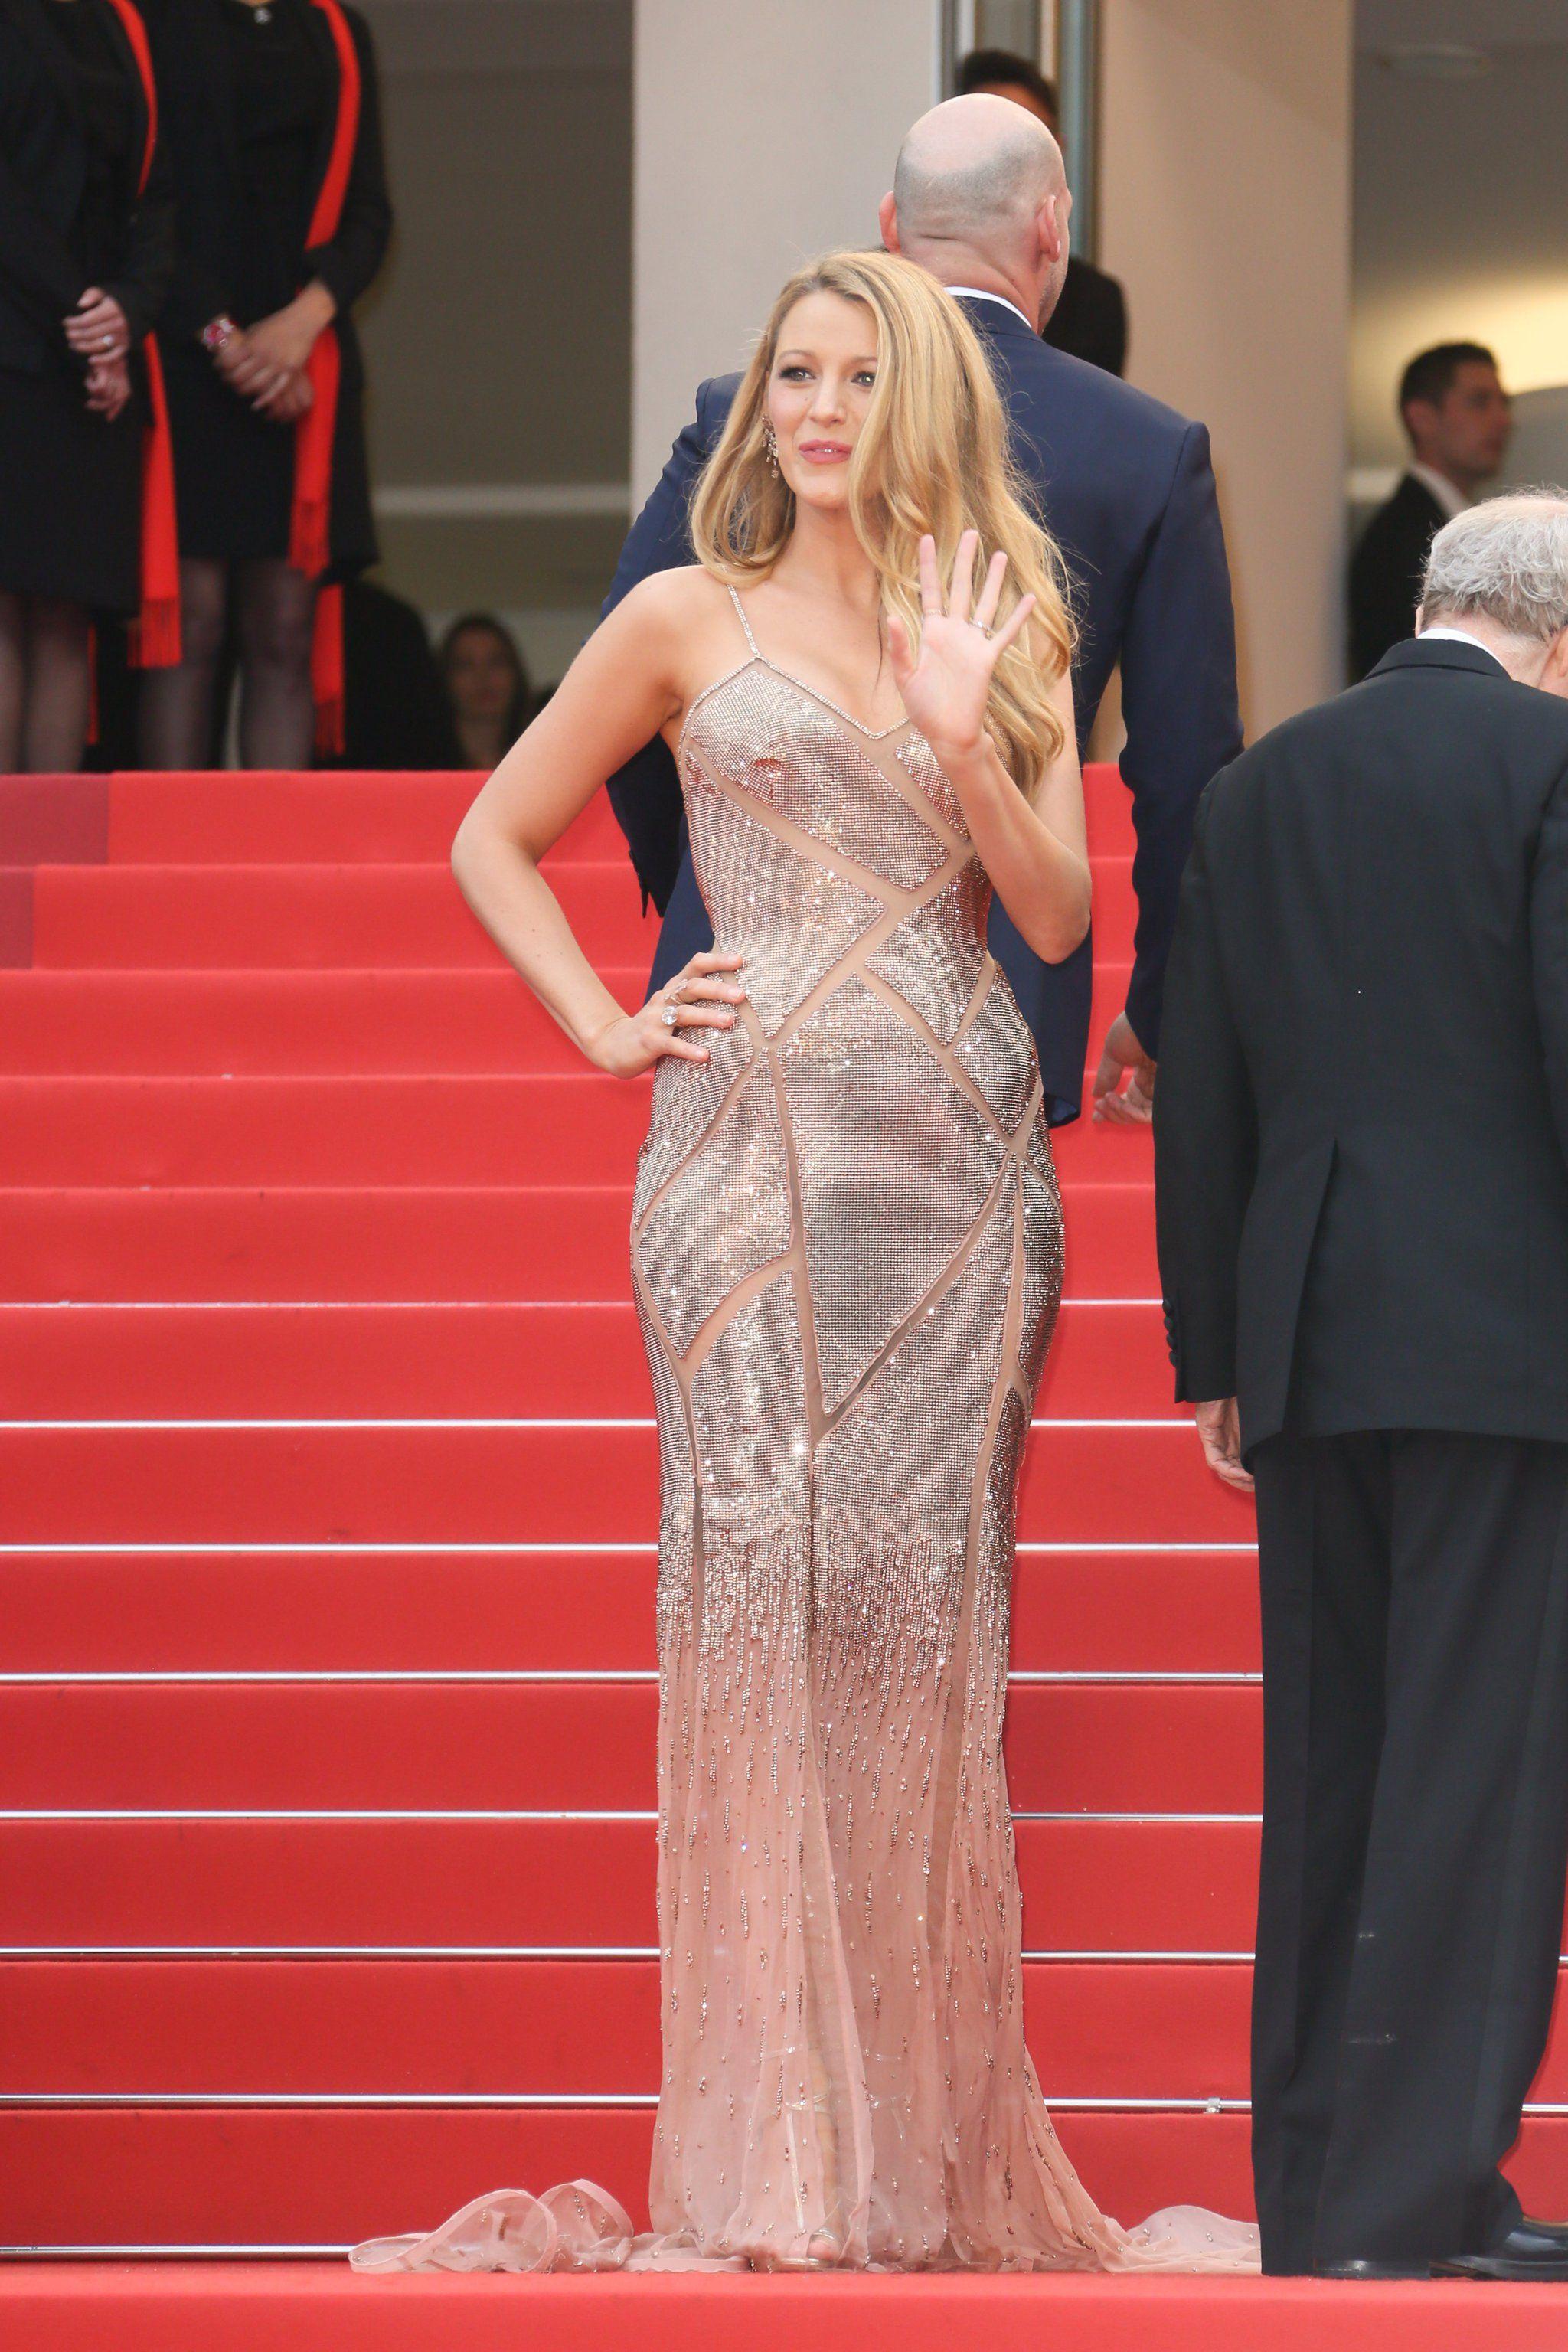 Mai 2016 in einem Kleid von Versace beim Filmfest in Cannes